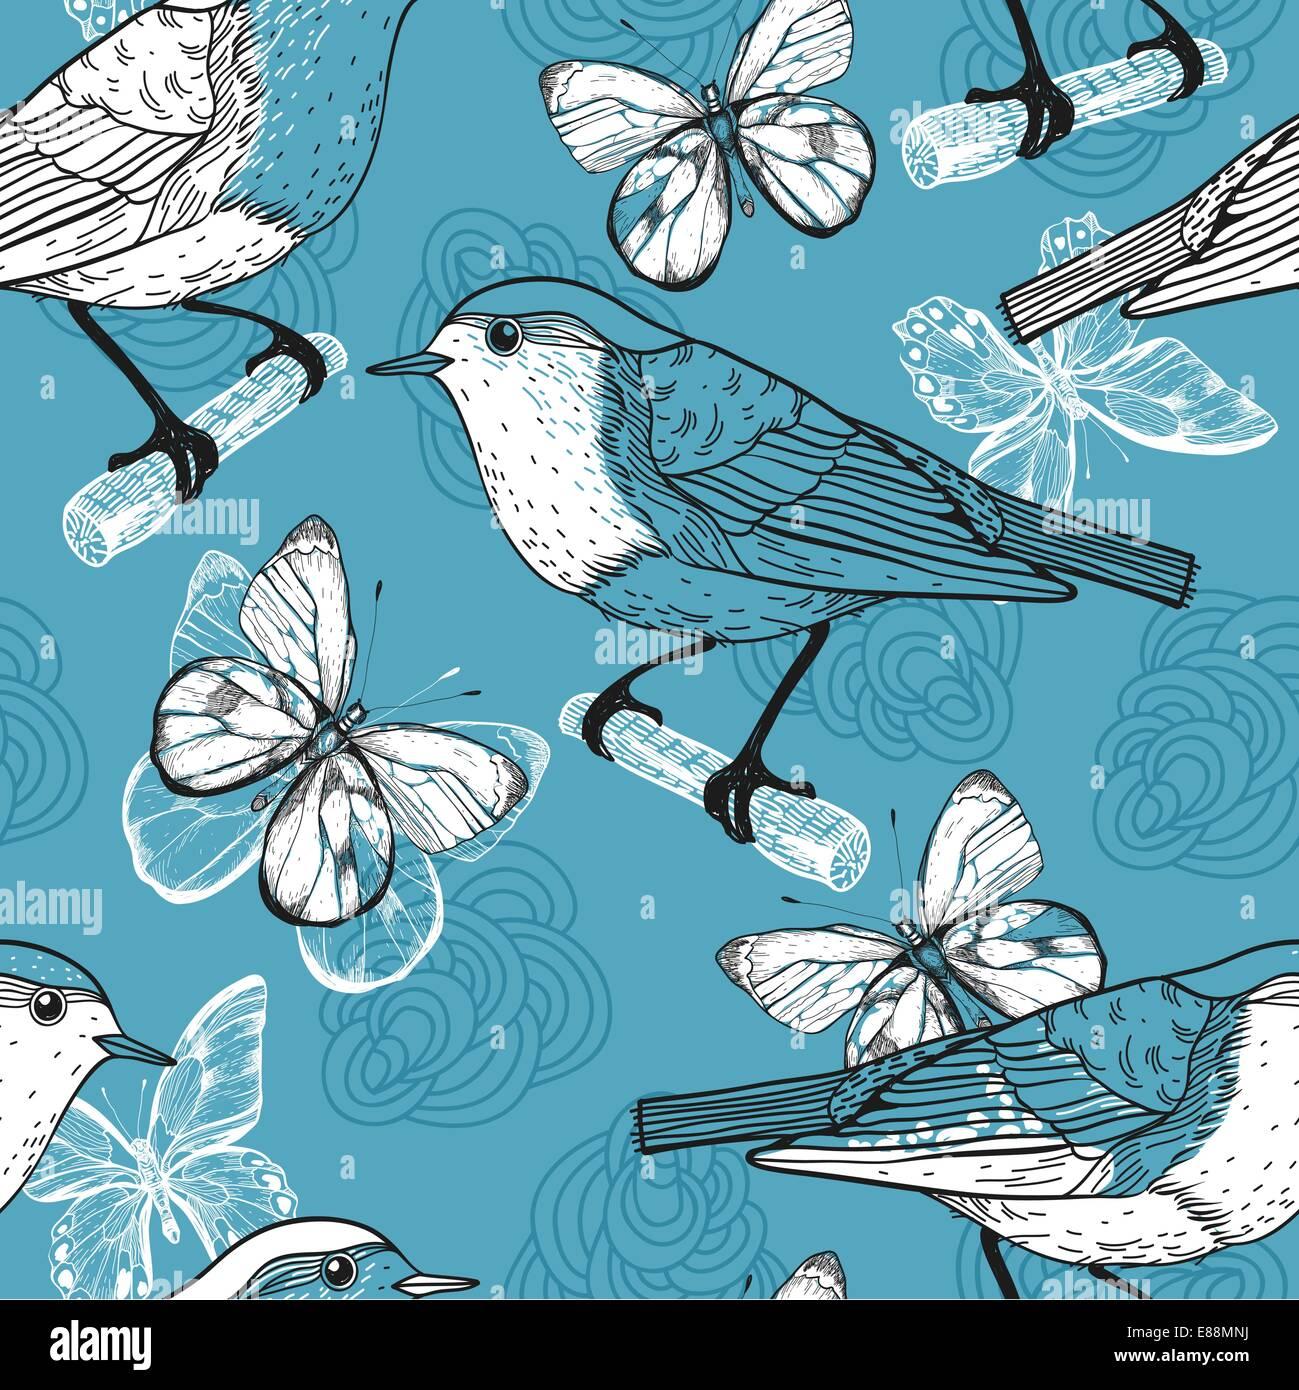 Vetor padrão sem costura com aves e borboletas Imagens de Stock